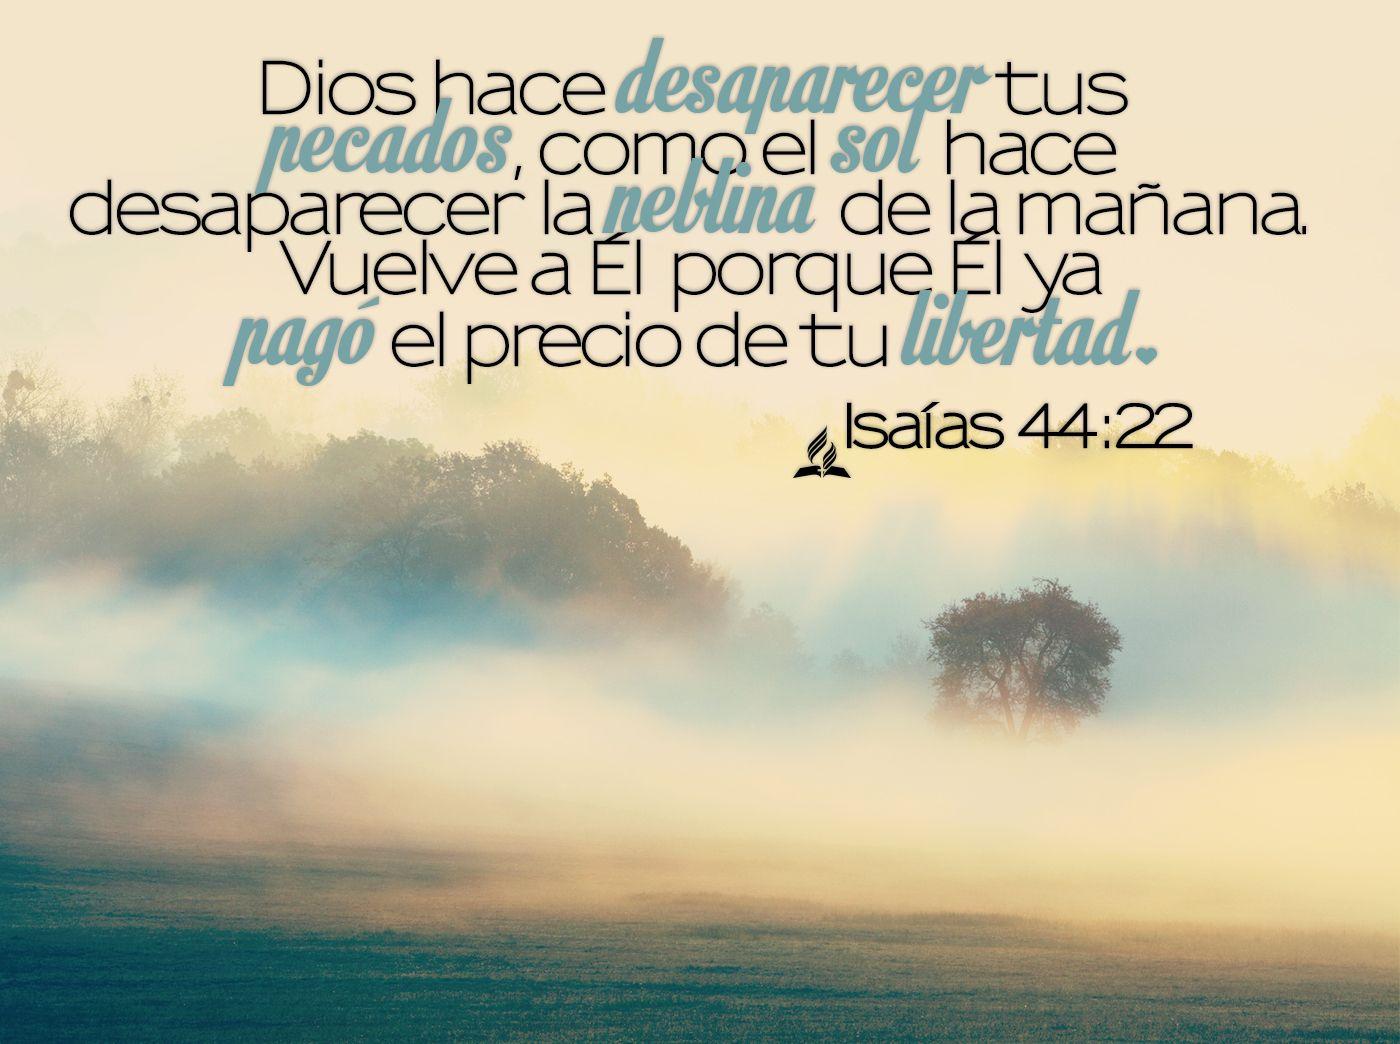 Versiculos De La Biblia De Animo: #rpsp #isaias #versiculo #biblia